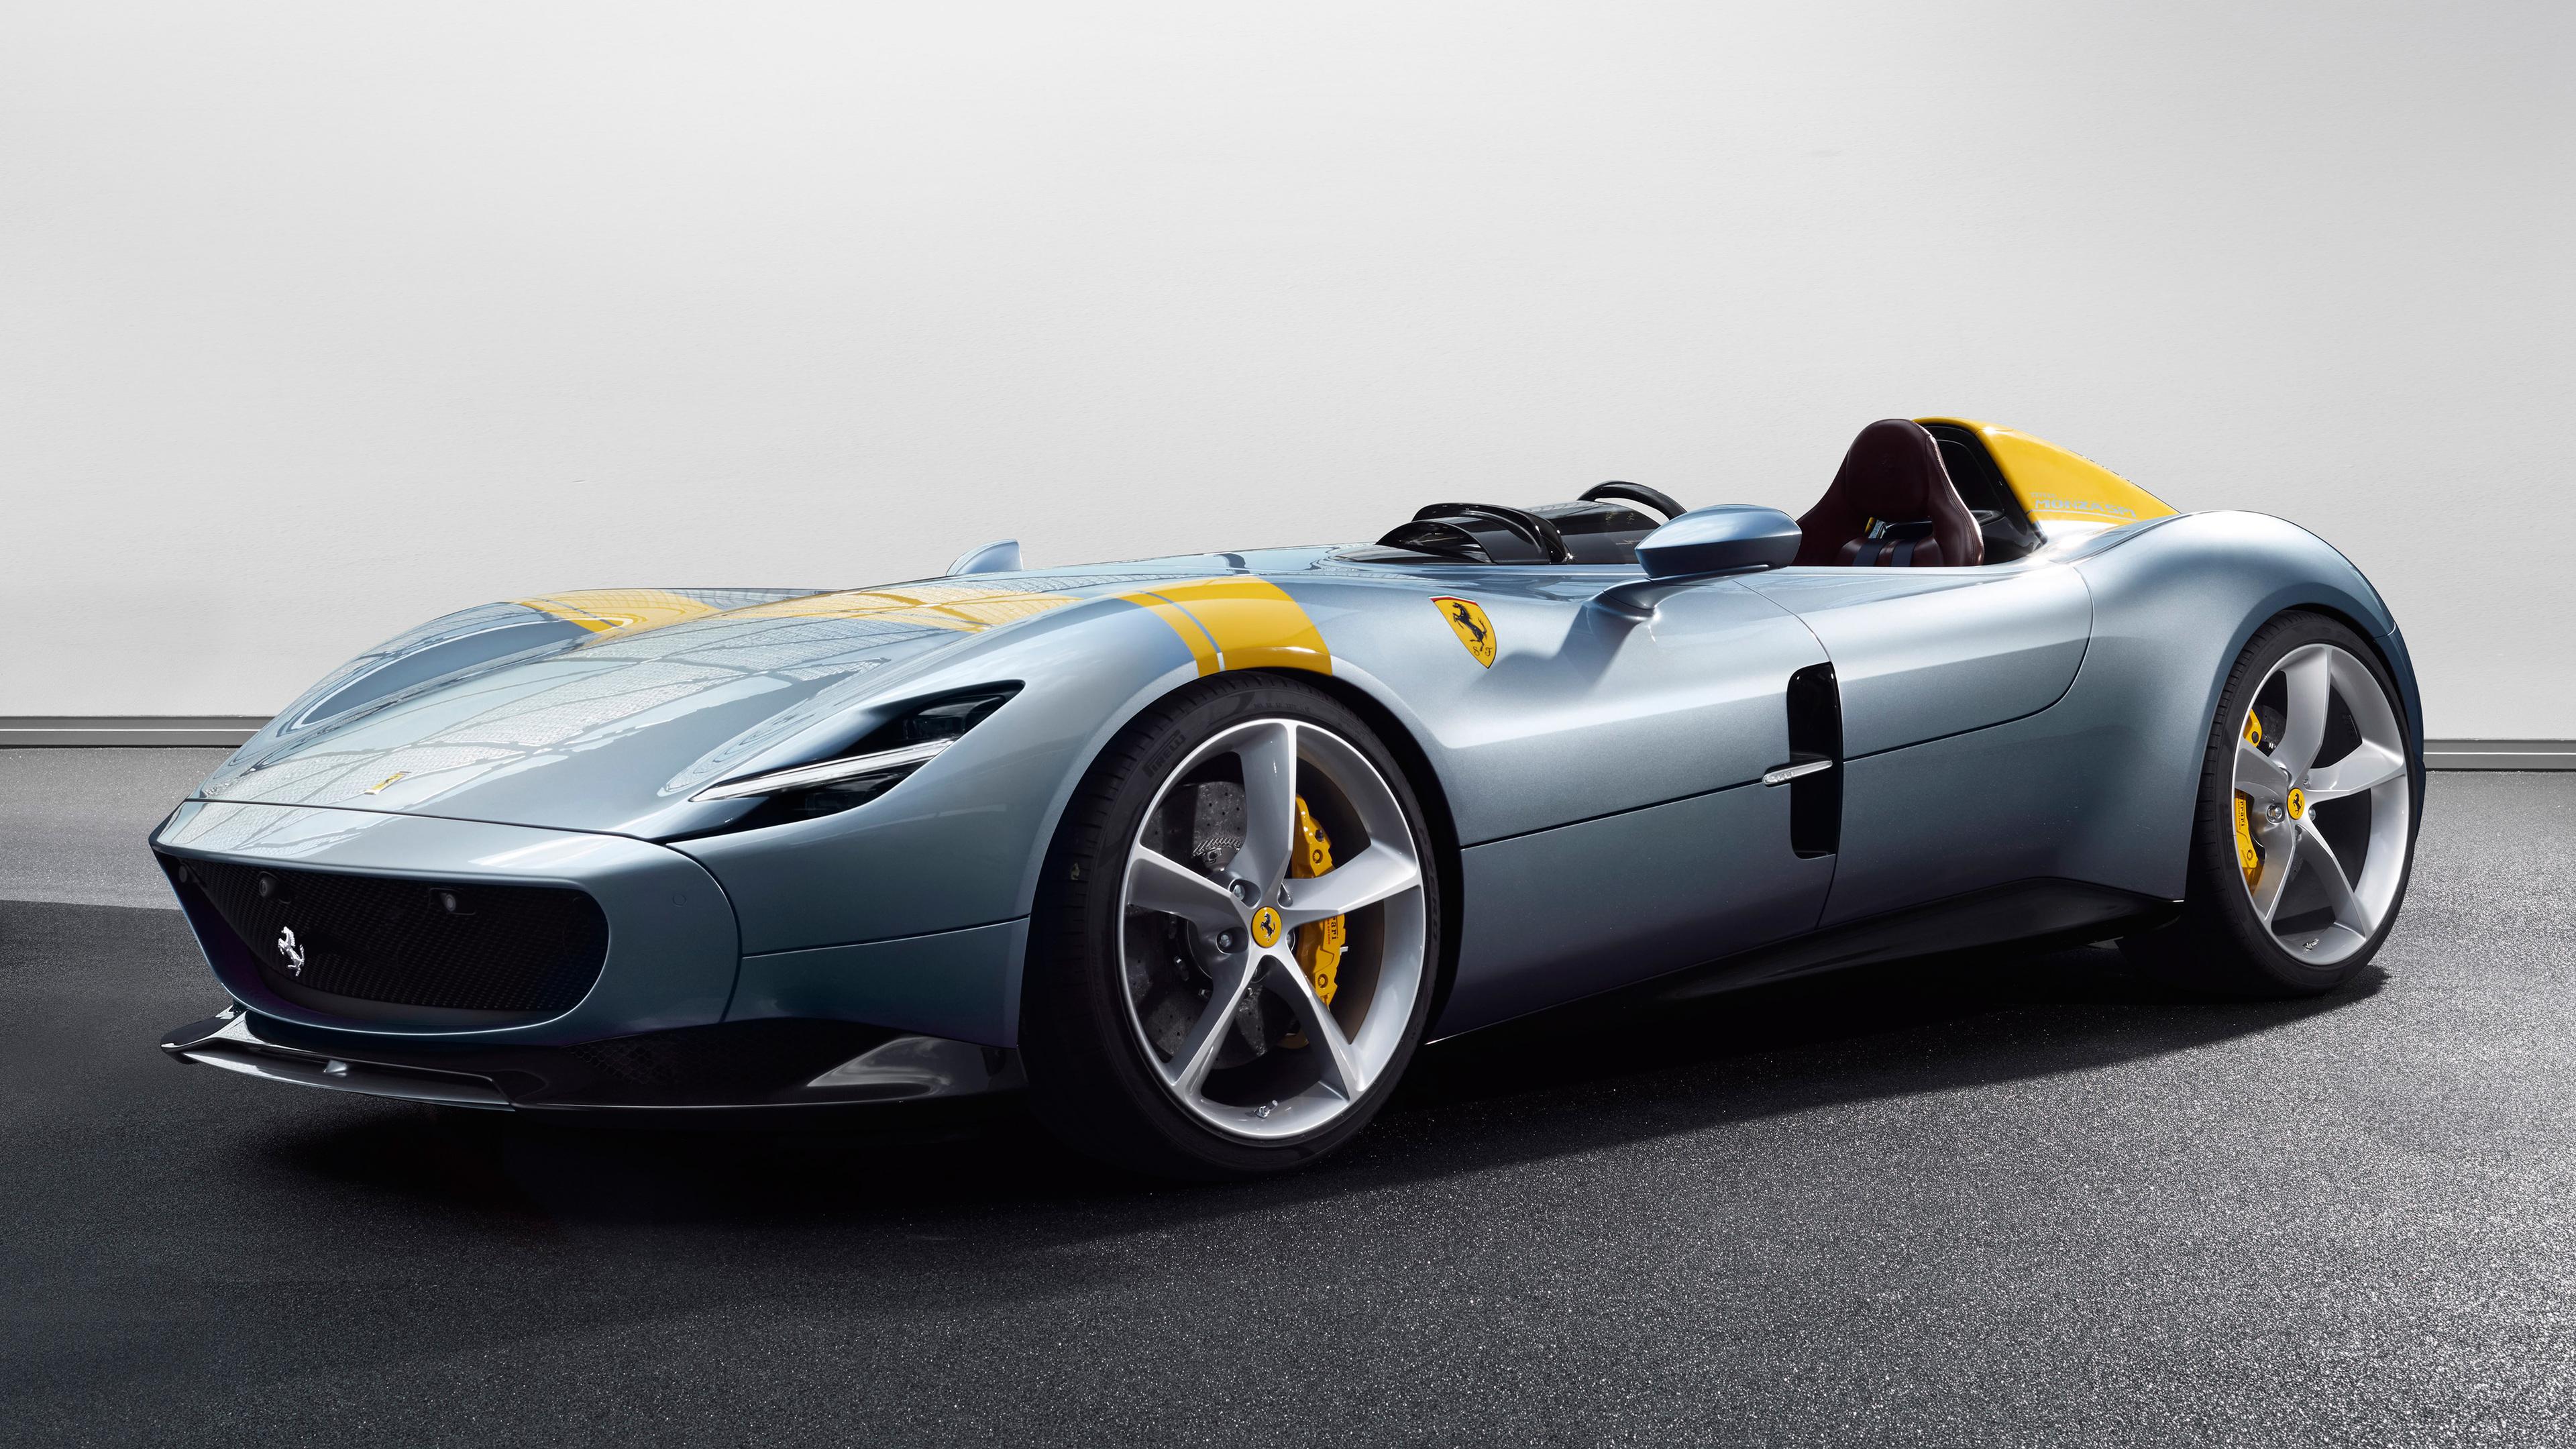 2018 ferrari monza sp1 1539114744 - 2018 Ferrari Monza SP1 - hd-wallpapers, ferrari wallpapers, ferrari monza sp1 wallpapers, cars wallpapers, 4k-wallpapers, 2018 cars wallpapers